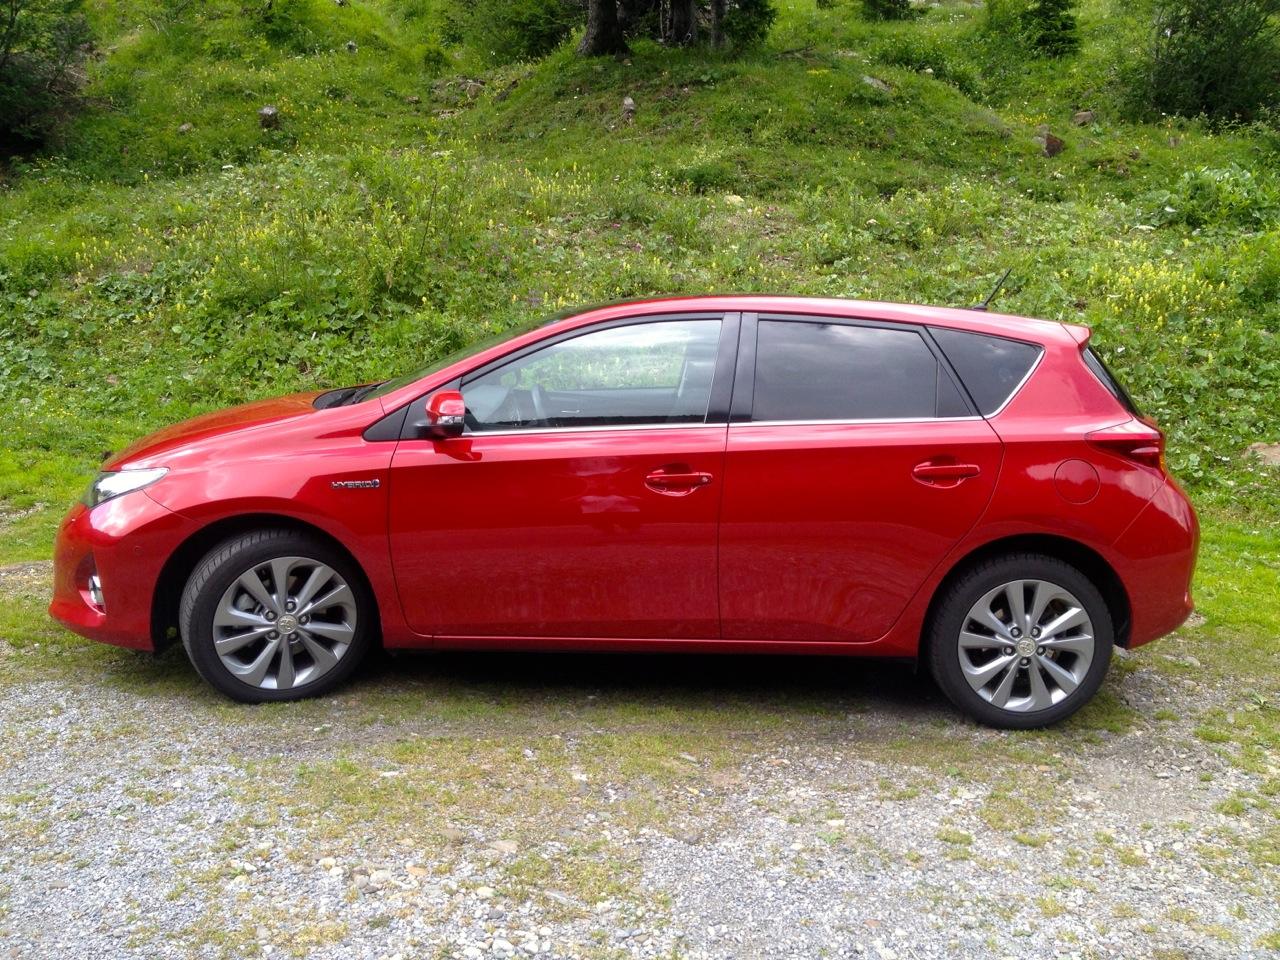 Toyota Auris Hybrid - Korays Car Blog